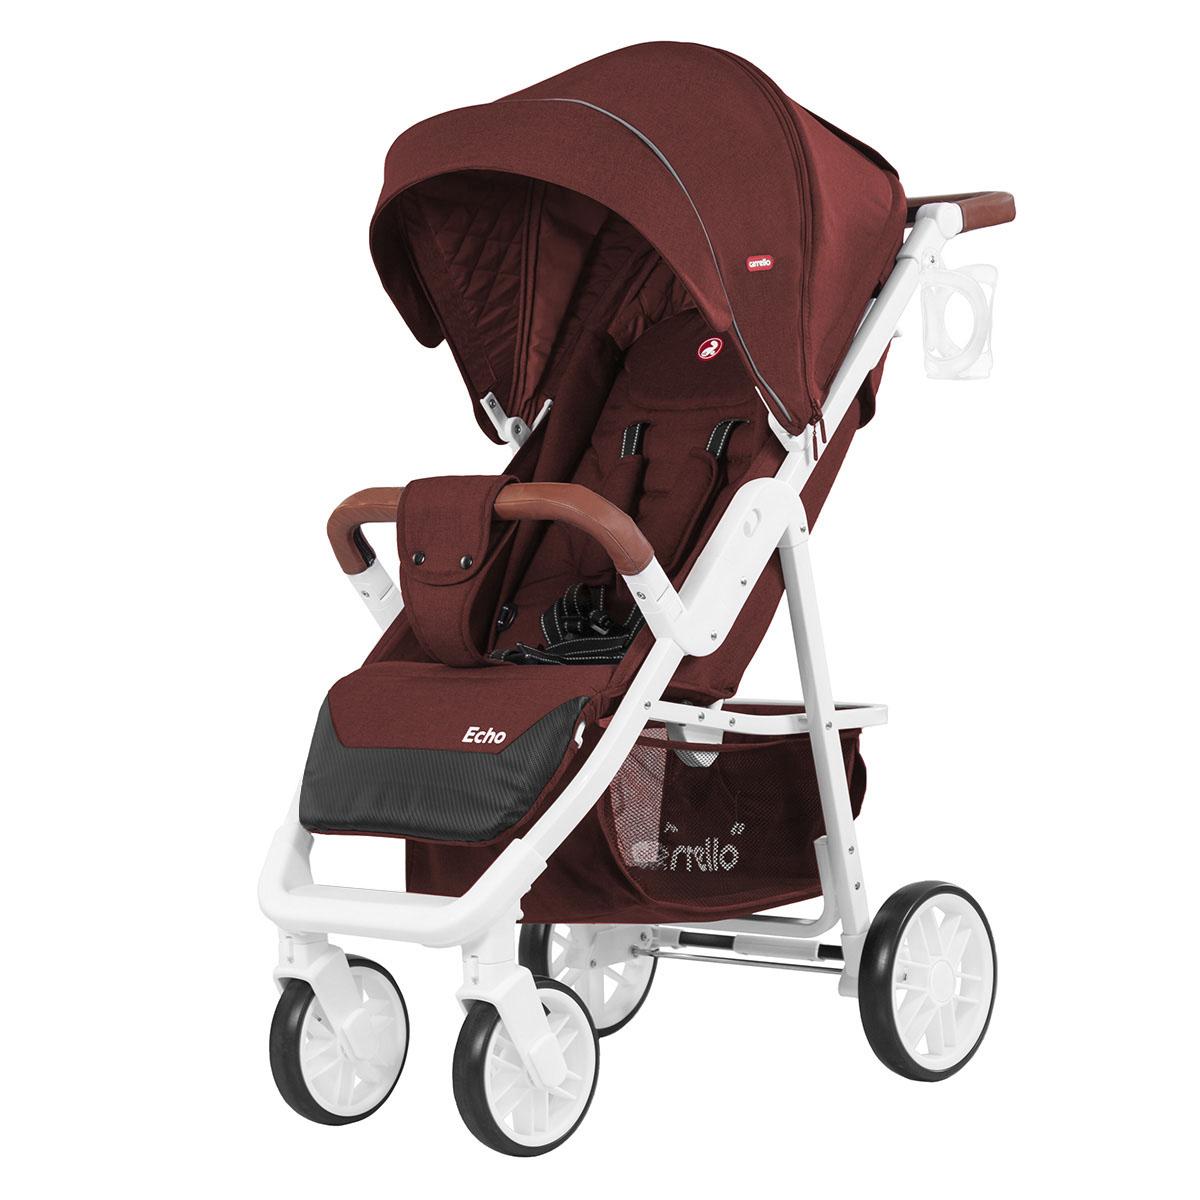 Детская коляска CARRELLO  Echo CRL-8508 Rose Red